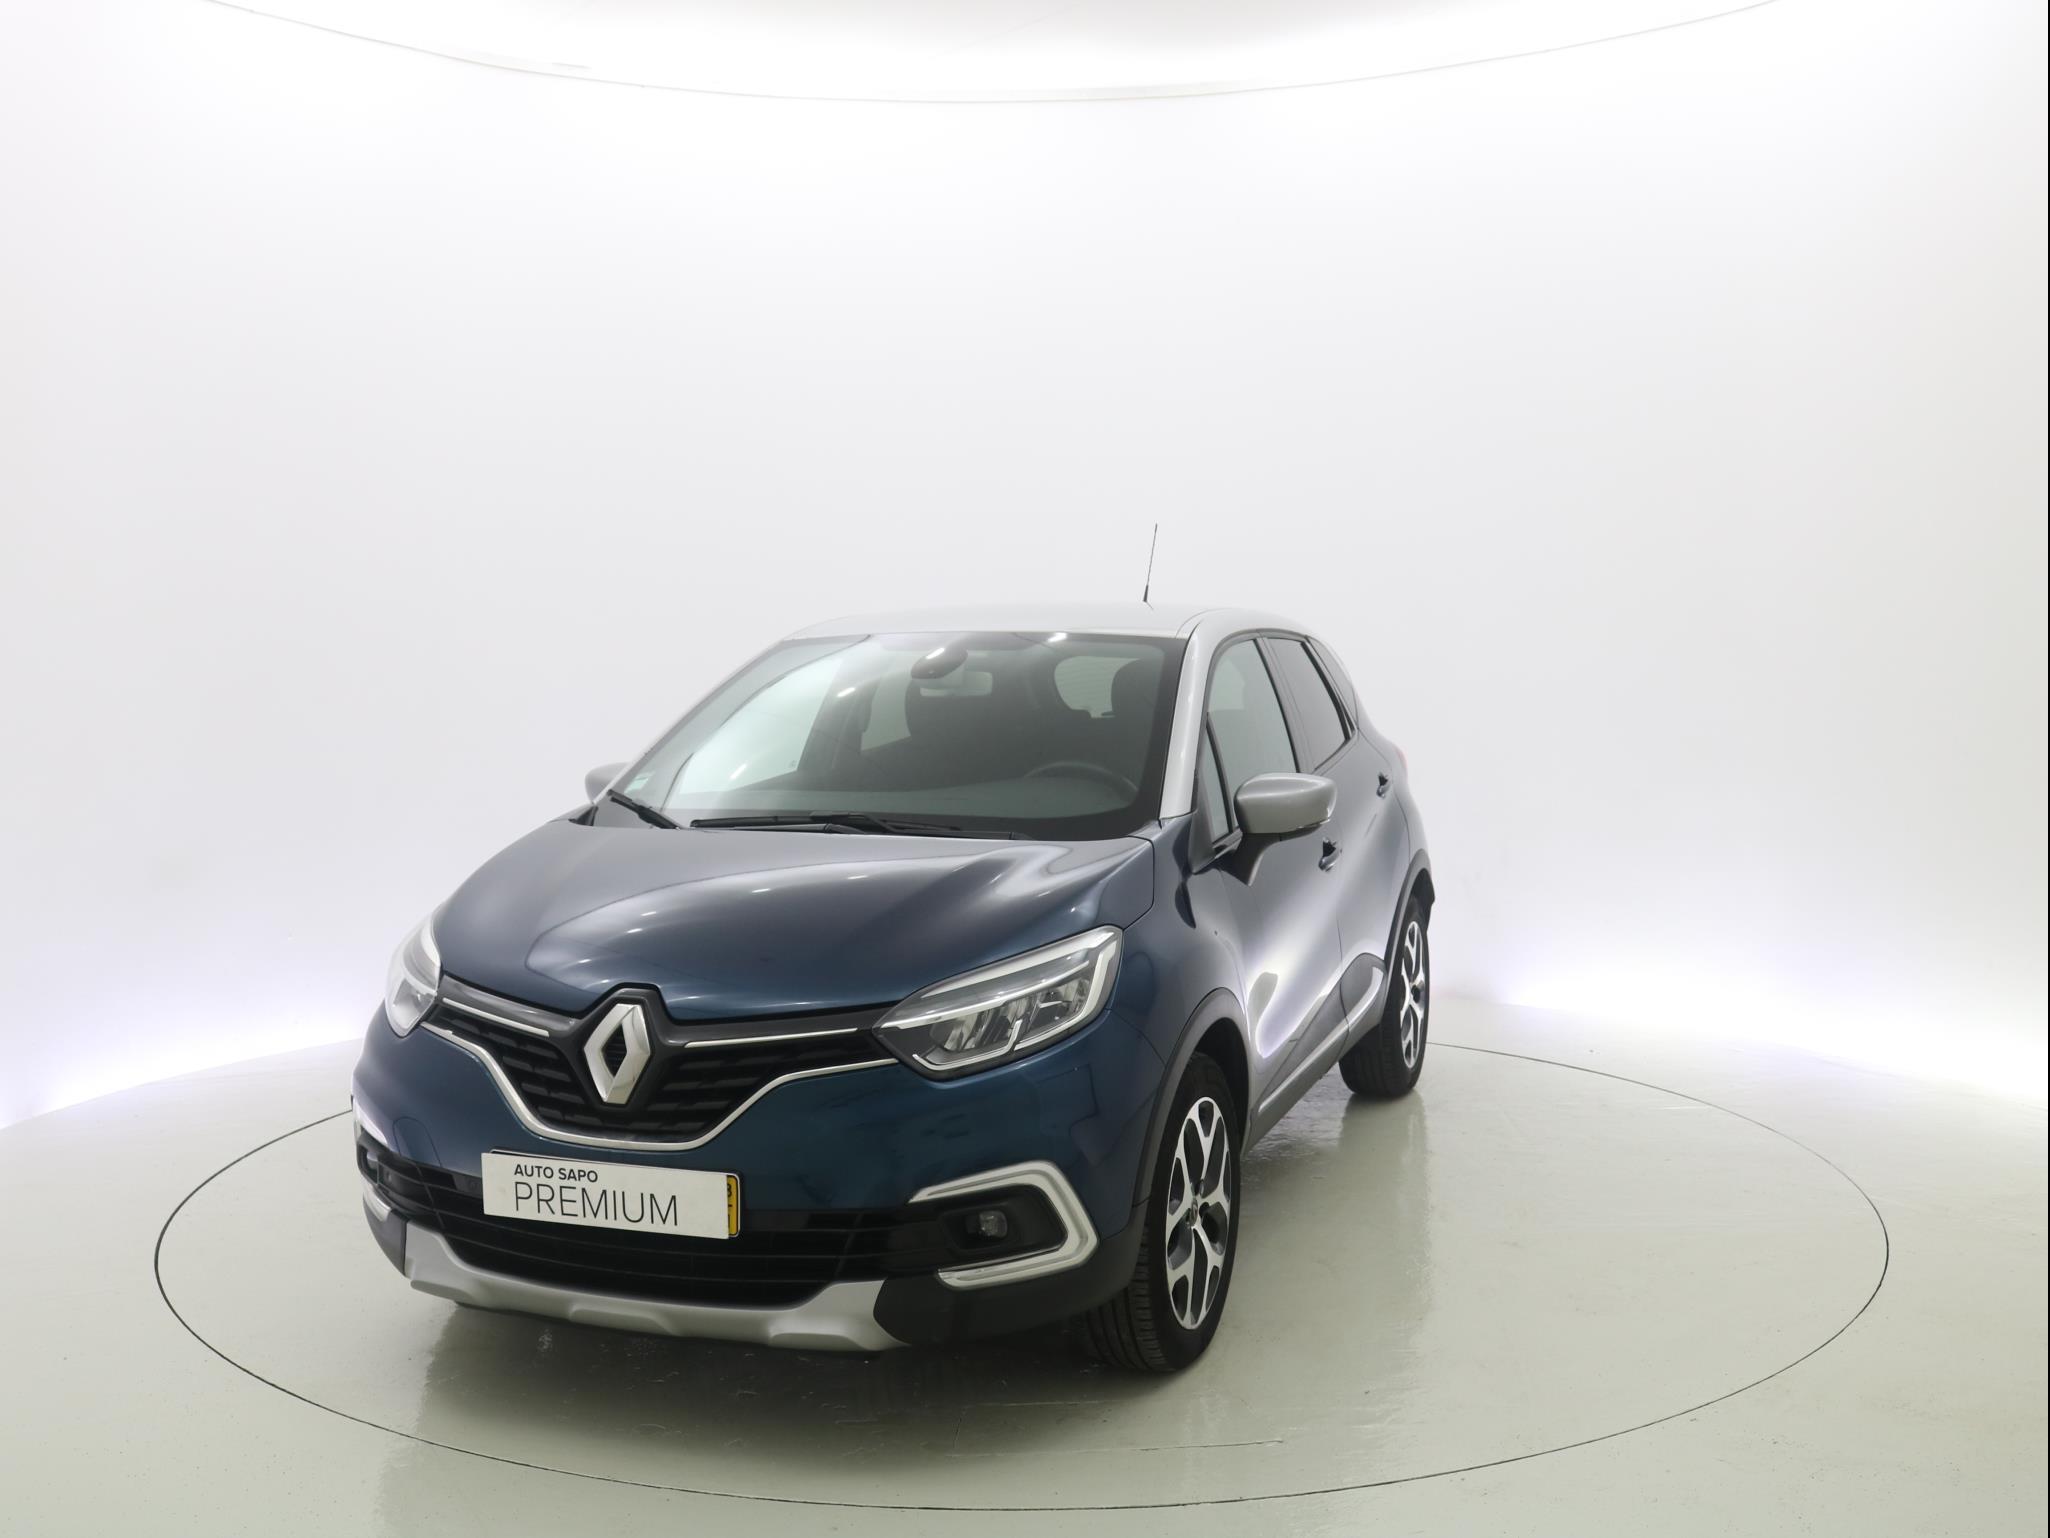 Renault Captur 0.9 TCe Exclusive 5p